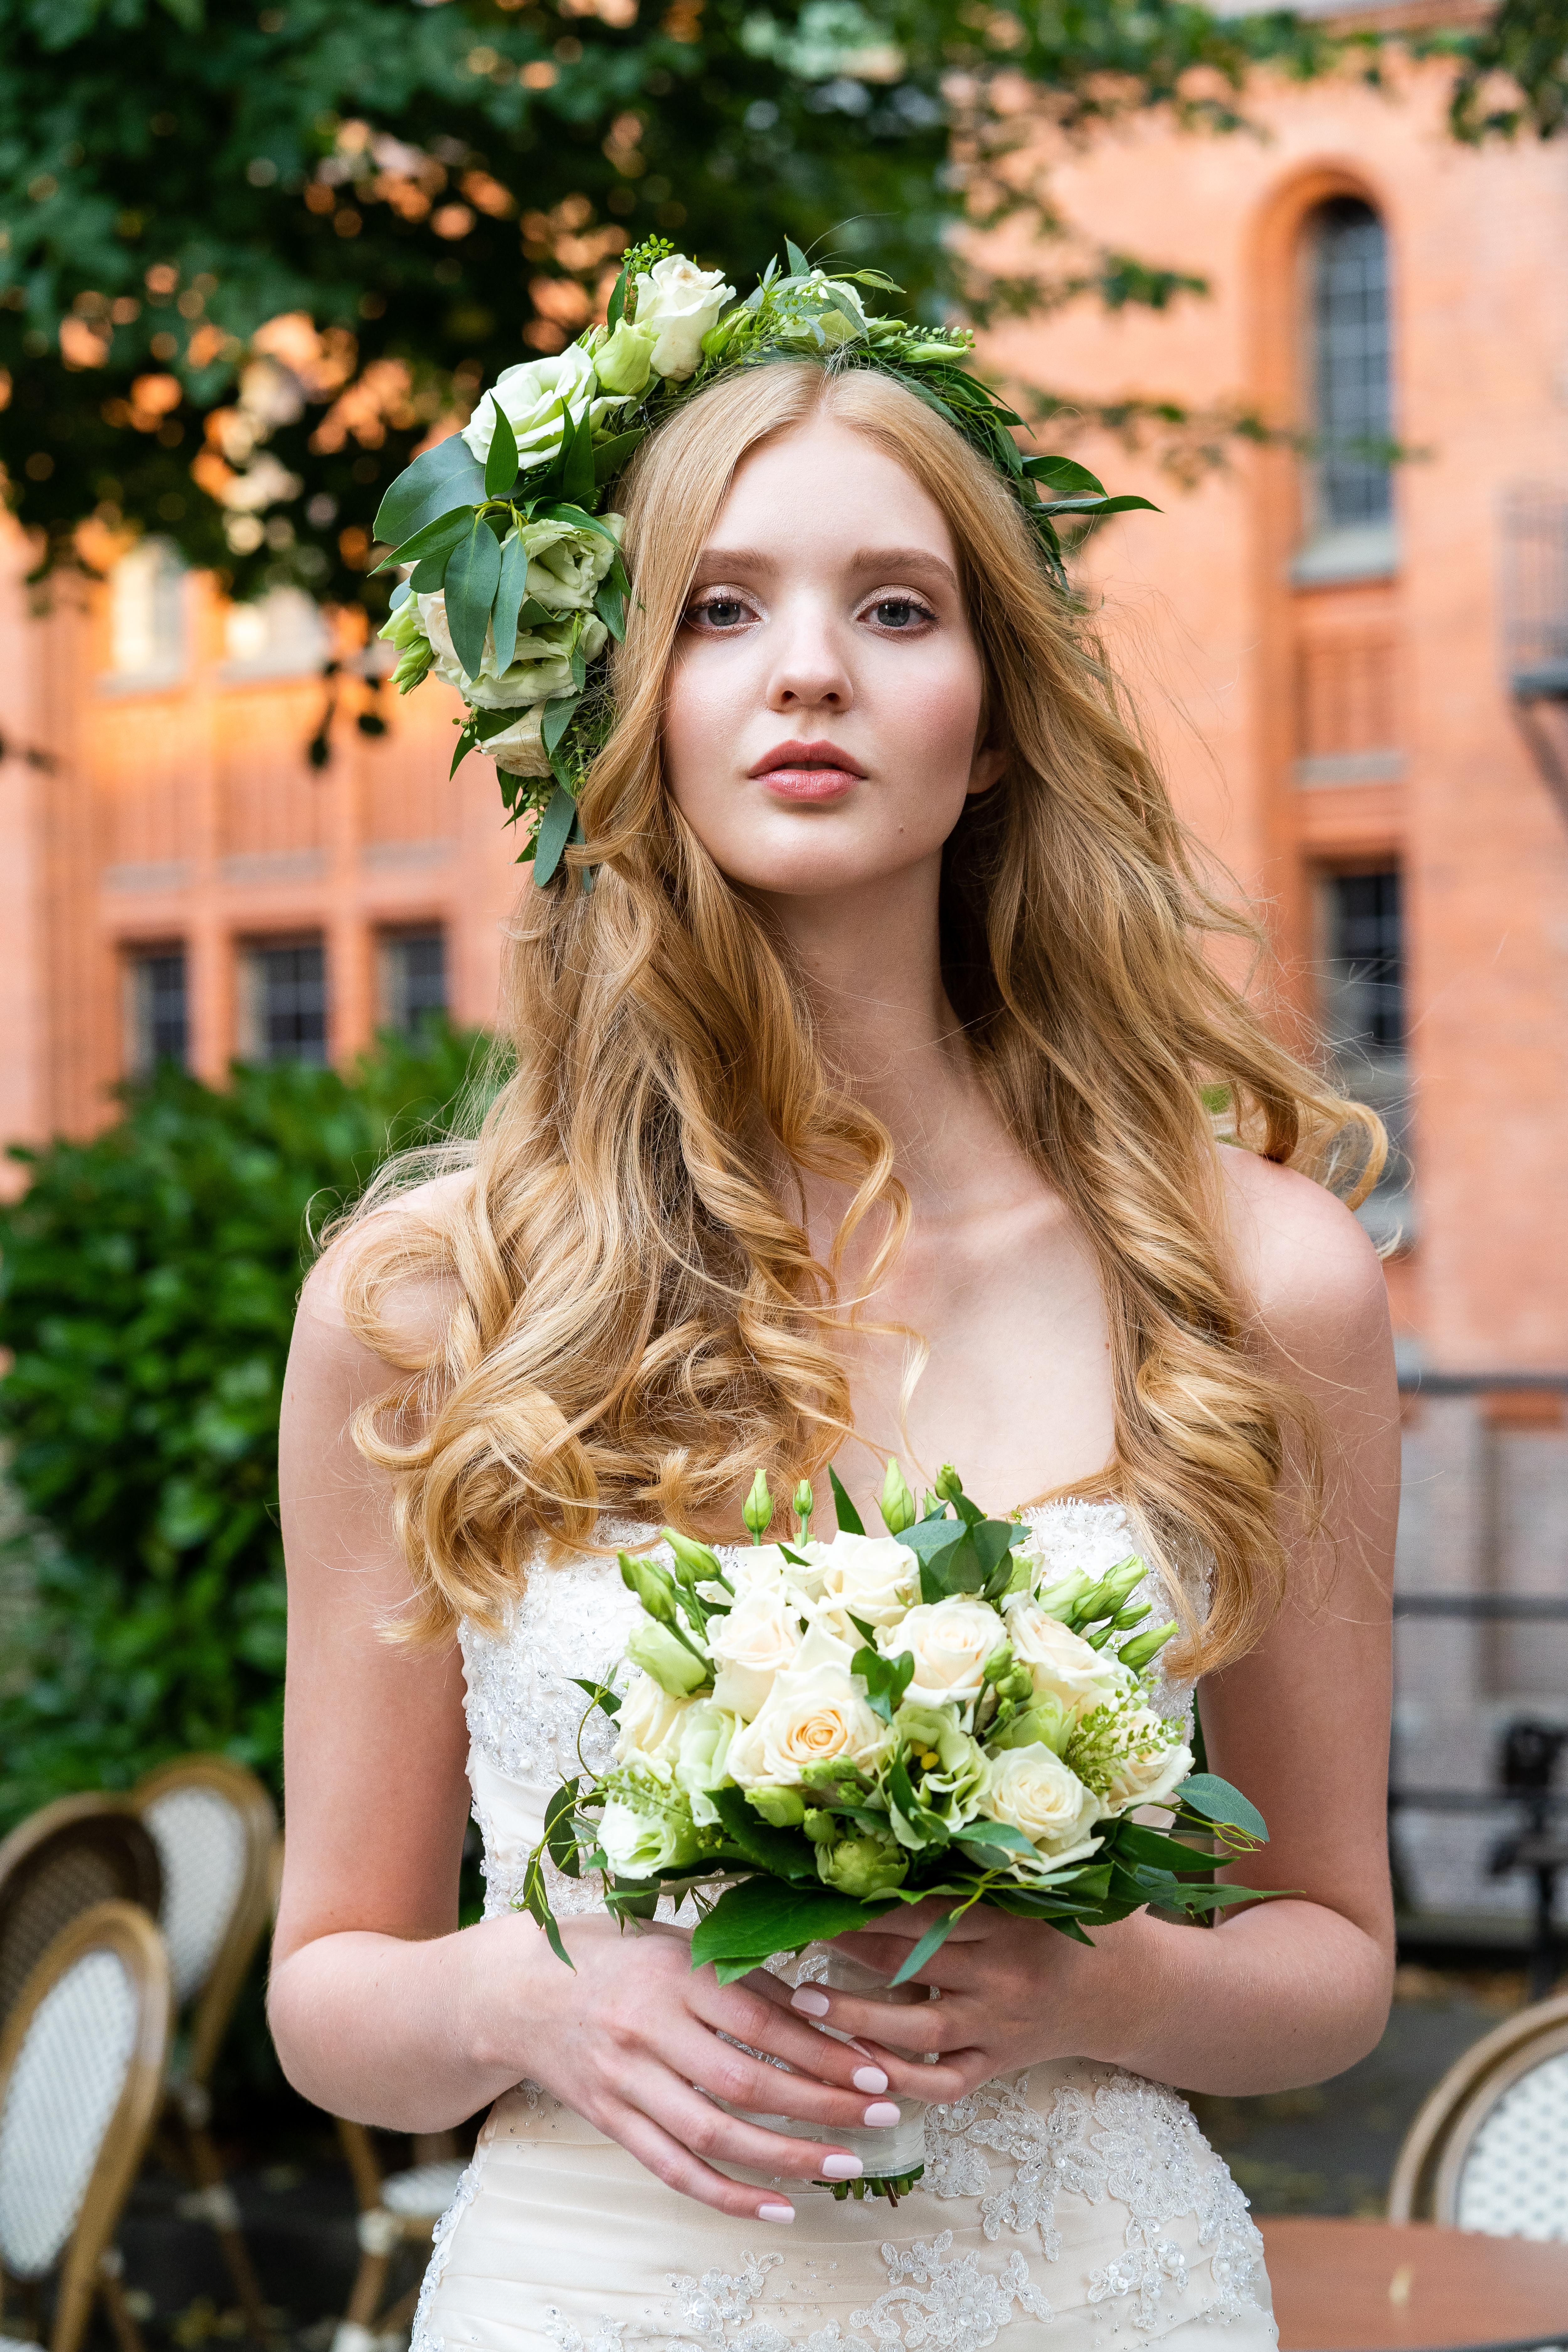 Brautstyling Hamburg Voulez Beauty